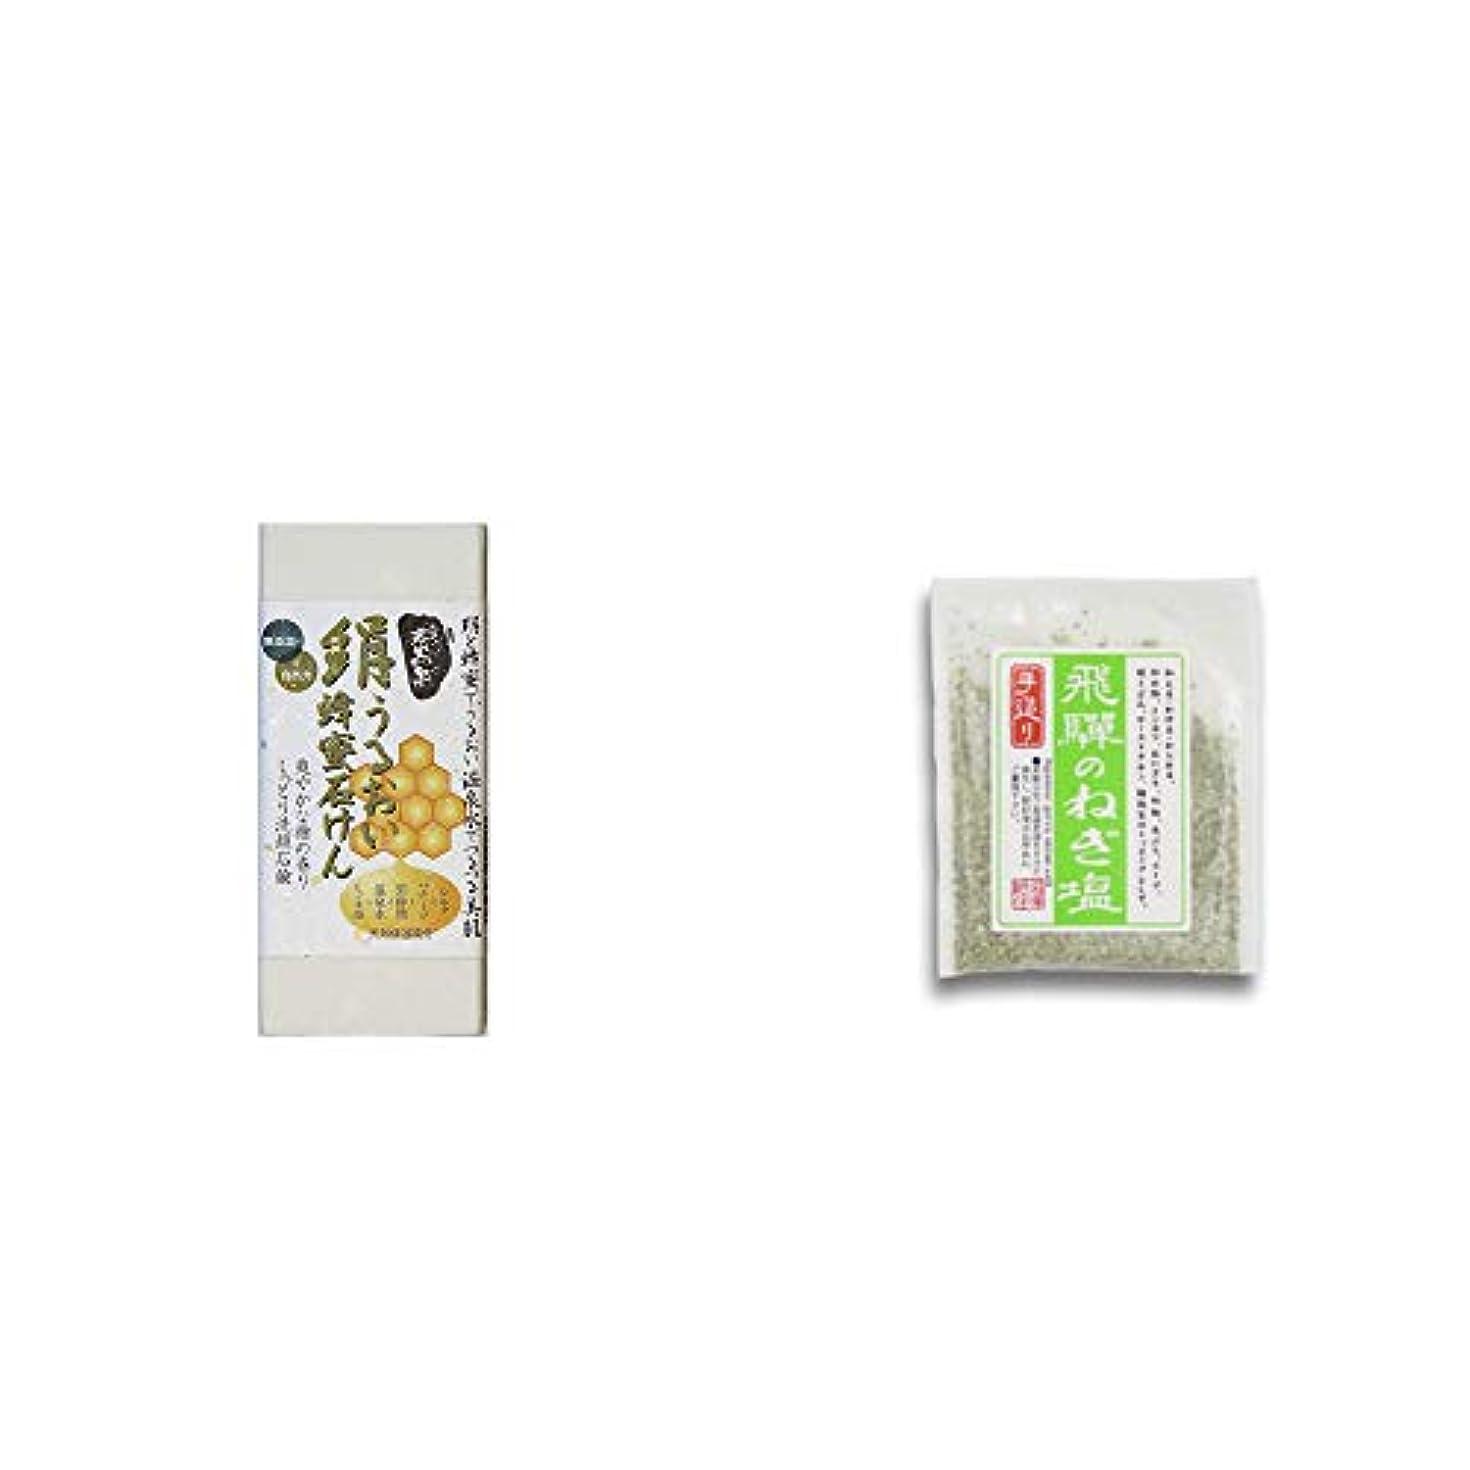 サイレントきゅうり血統[2点セット] ひのき炭黒泉 絹うるおい蜂蜜石けん(75g×2)?手造り 飛騨のねぎ塩(40g)